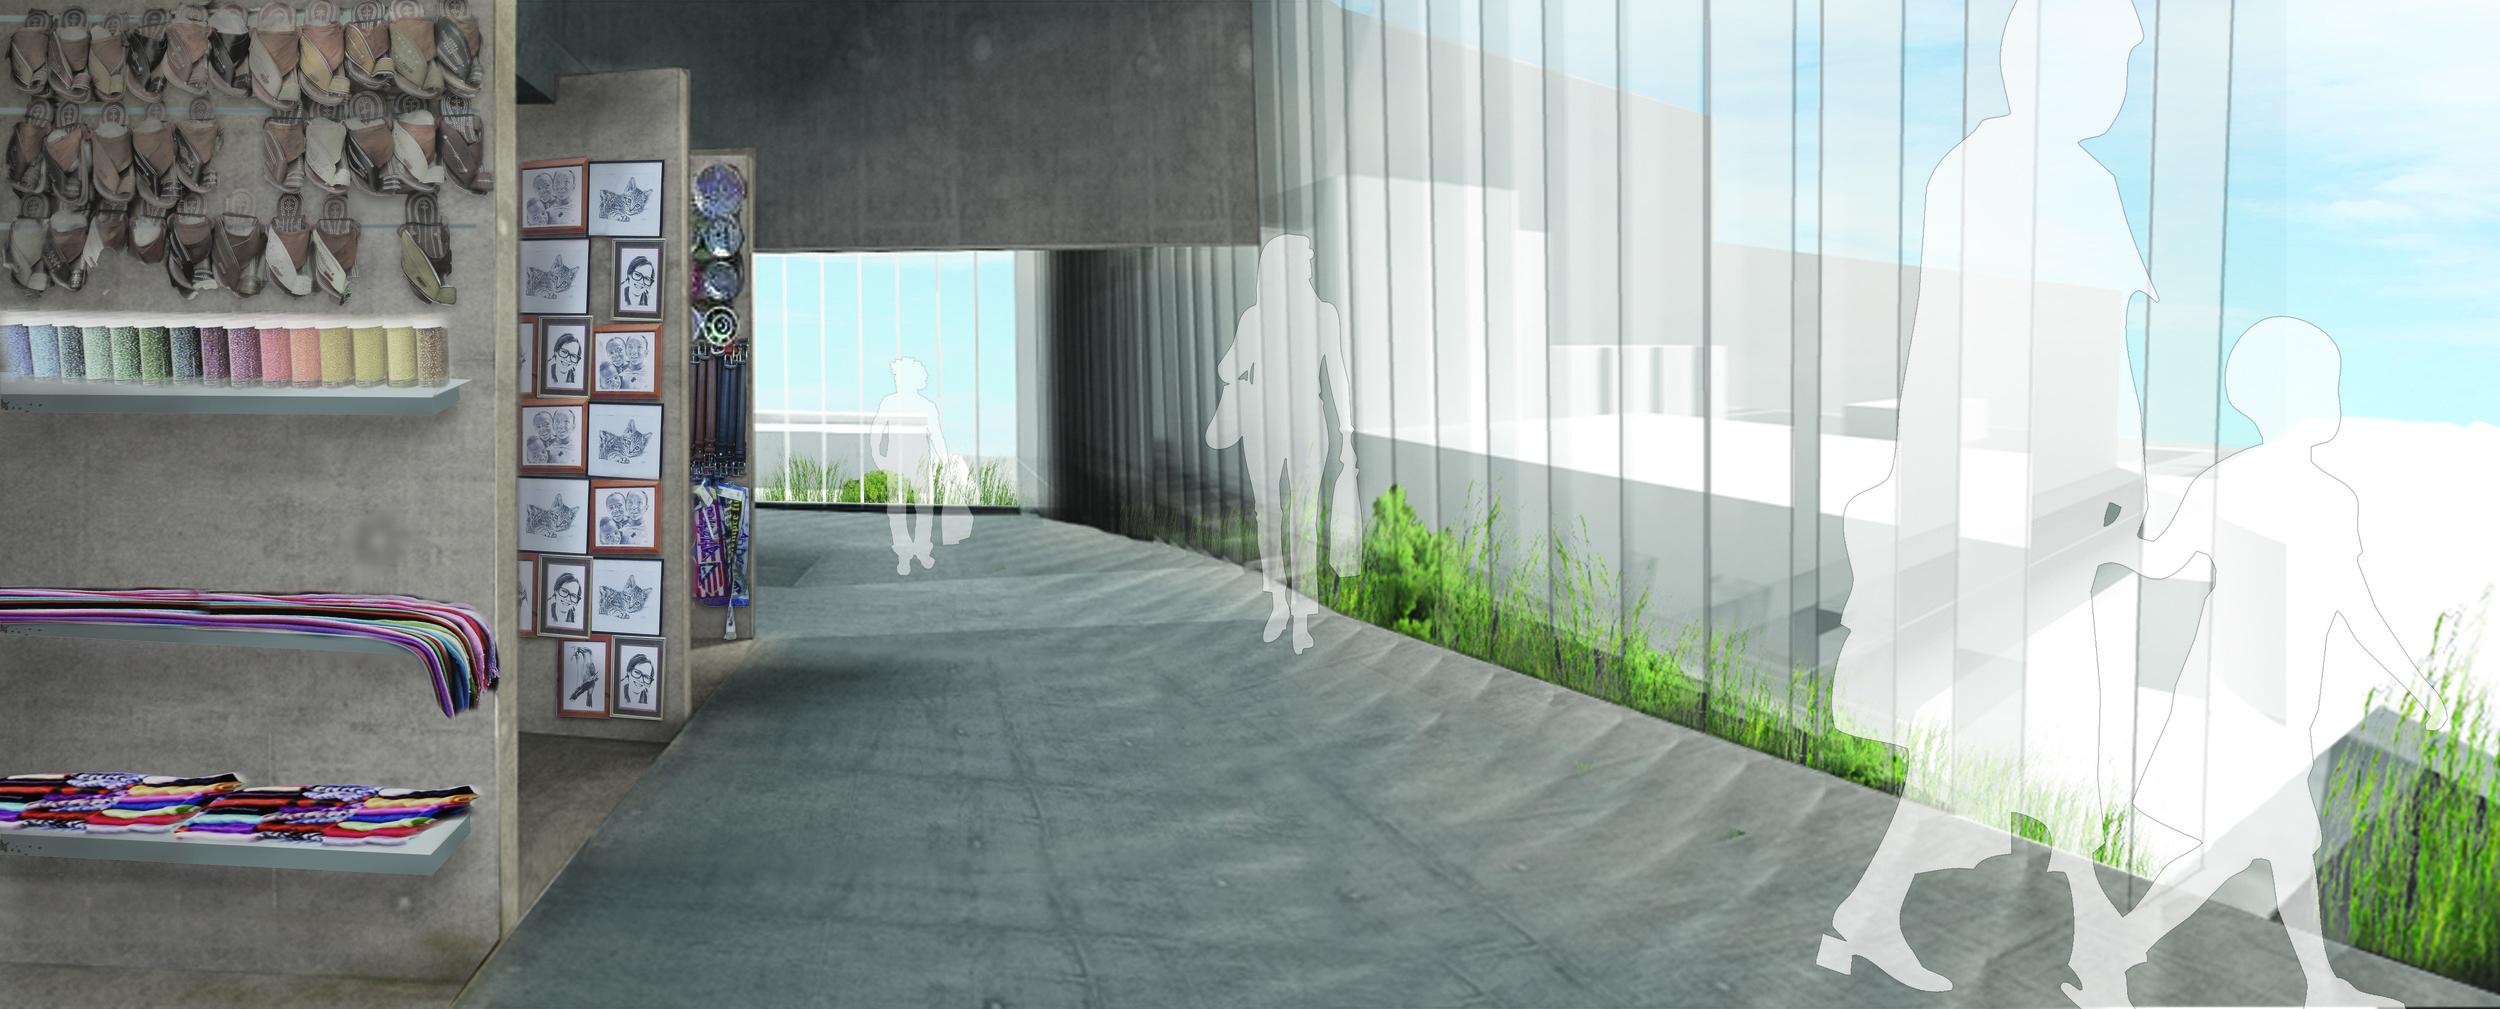 walkway render 3.jpg